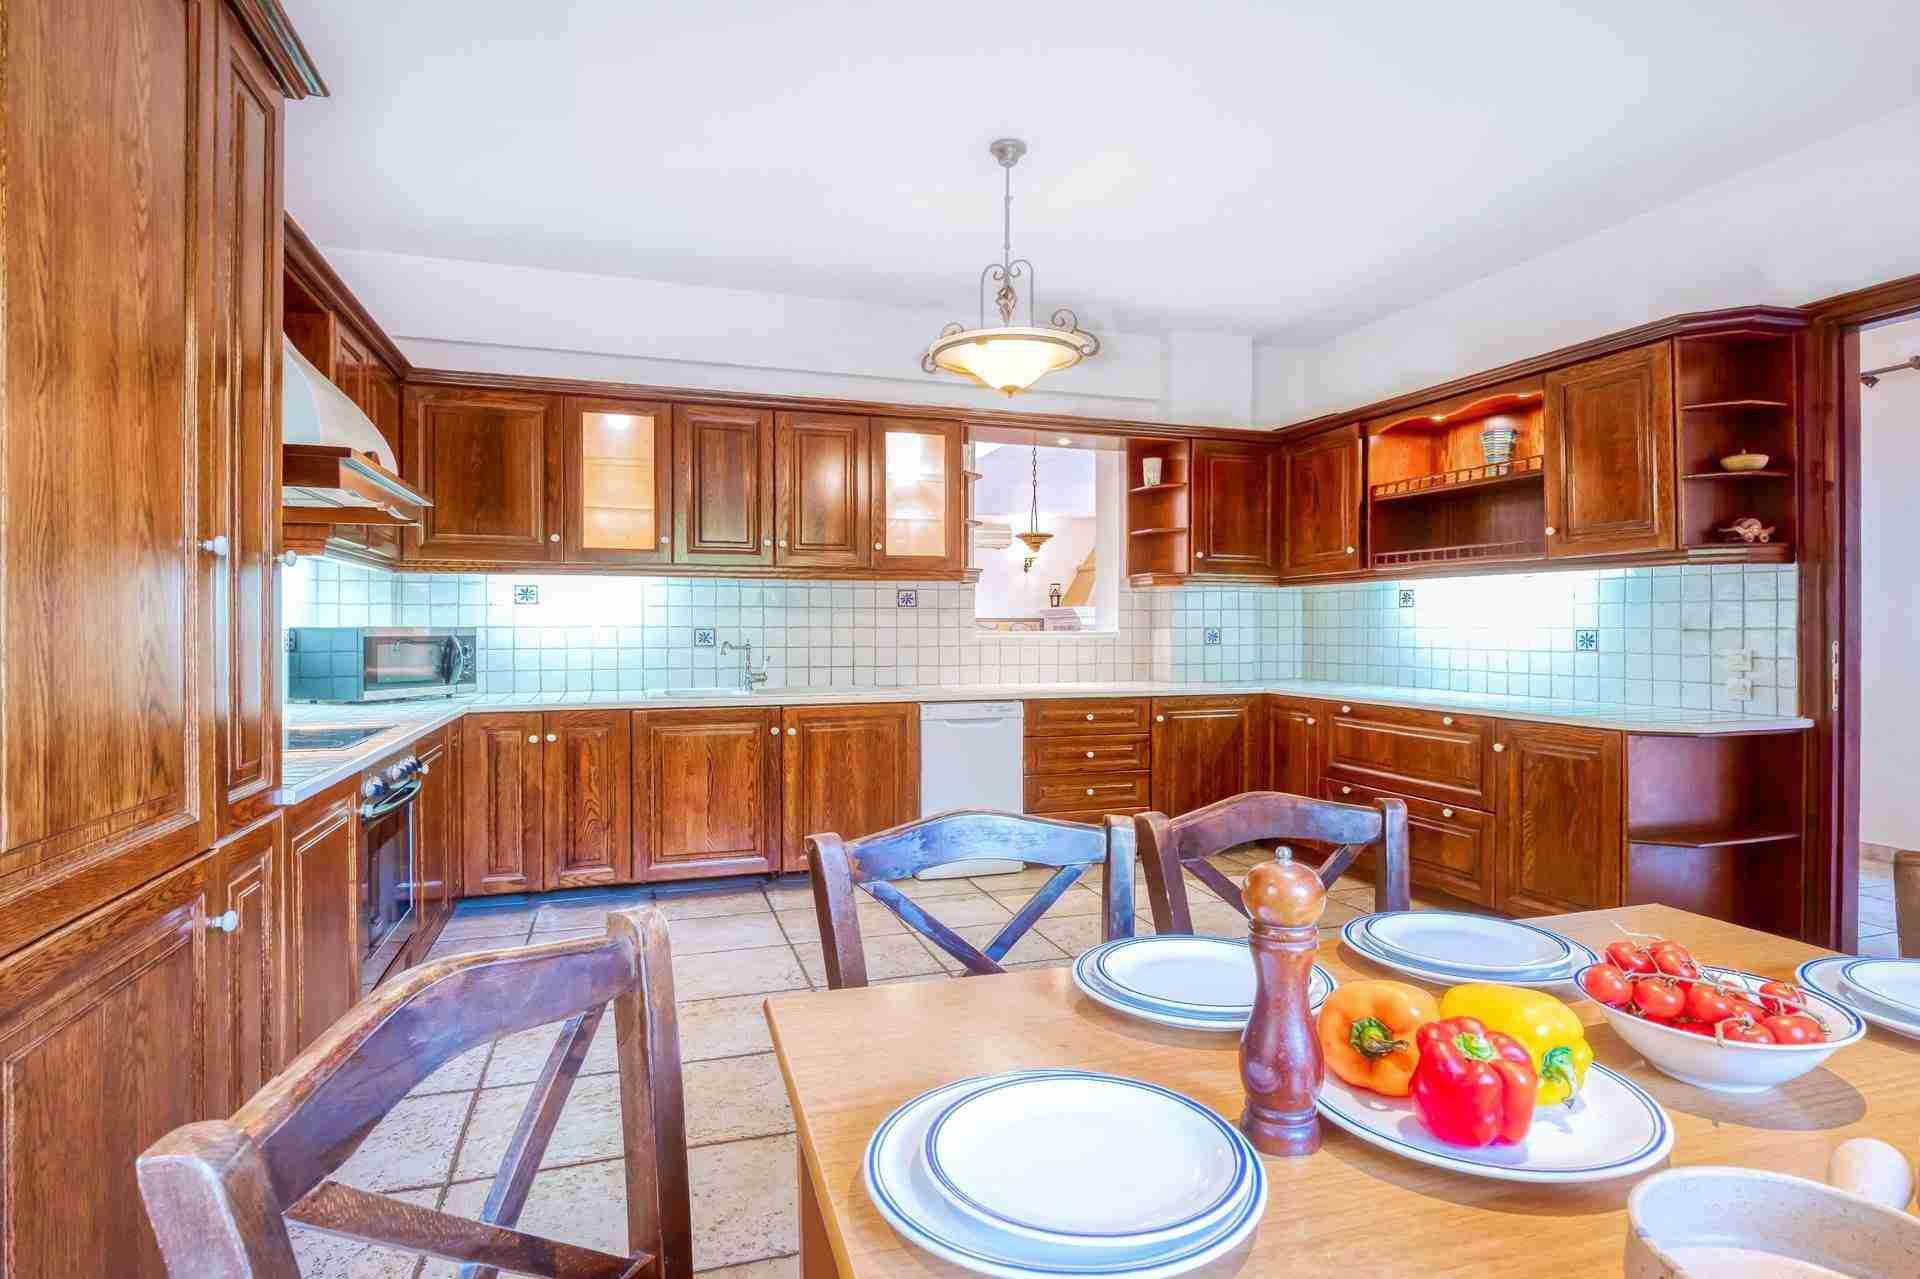 9 Febe kitchen